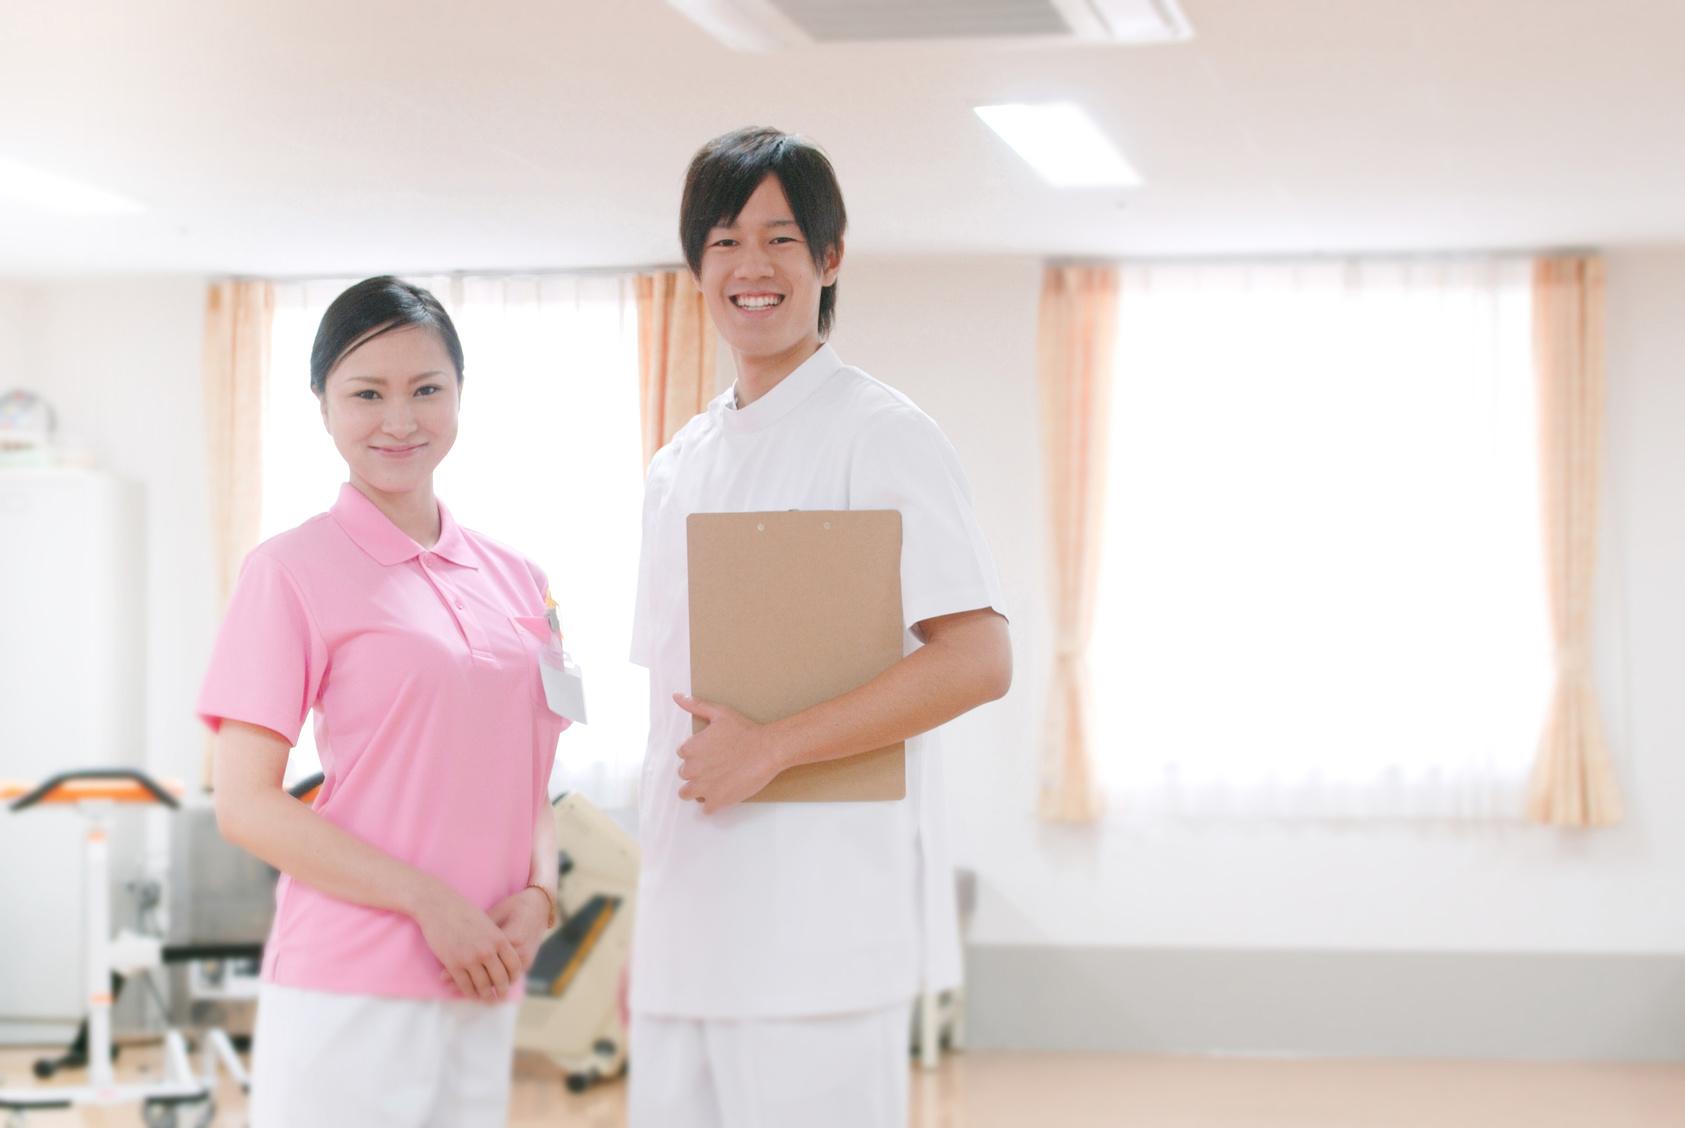 リハビリ室に立つ女性理学療法士と男性看護師